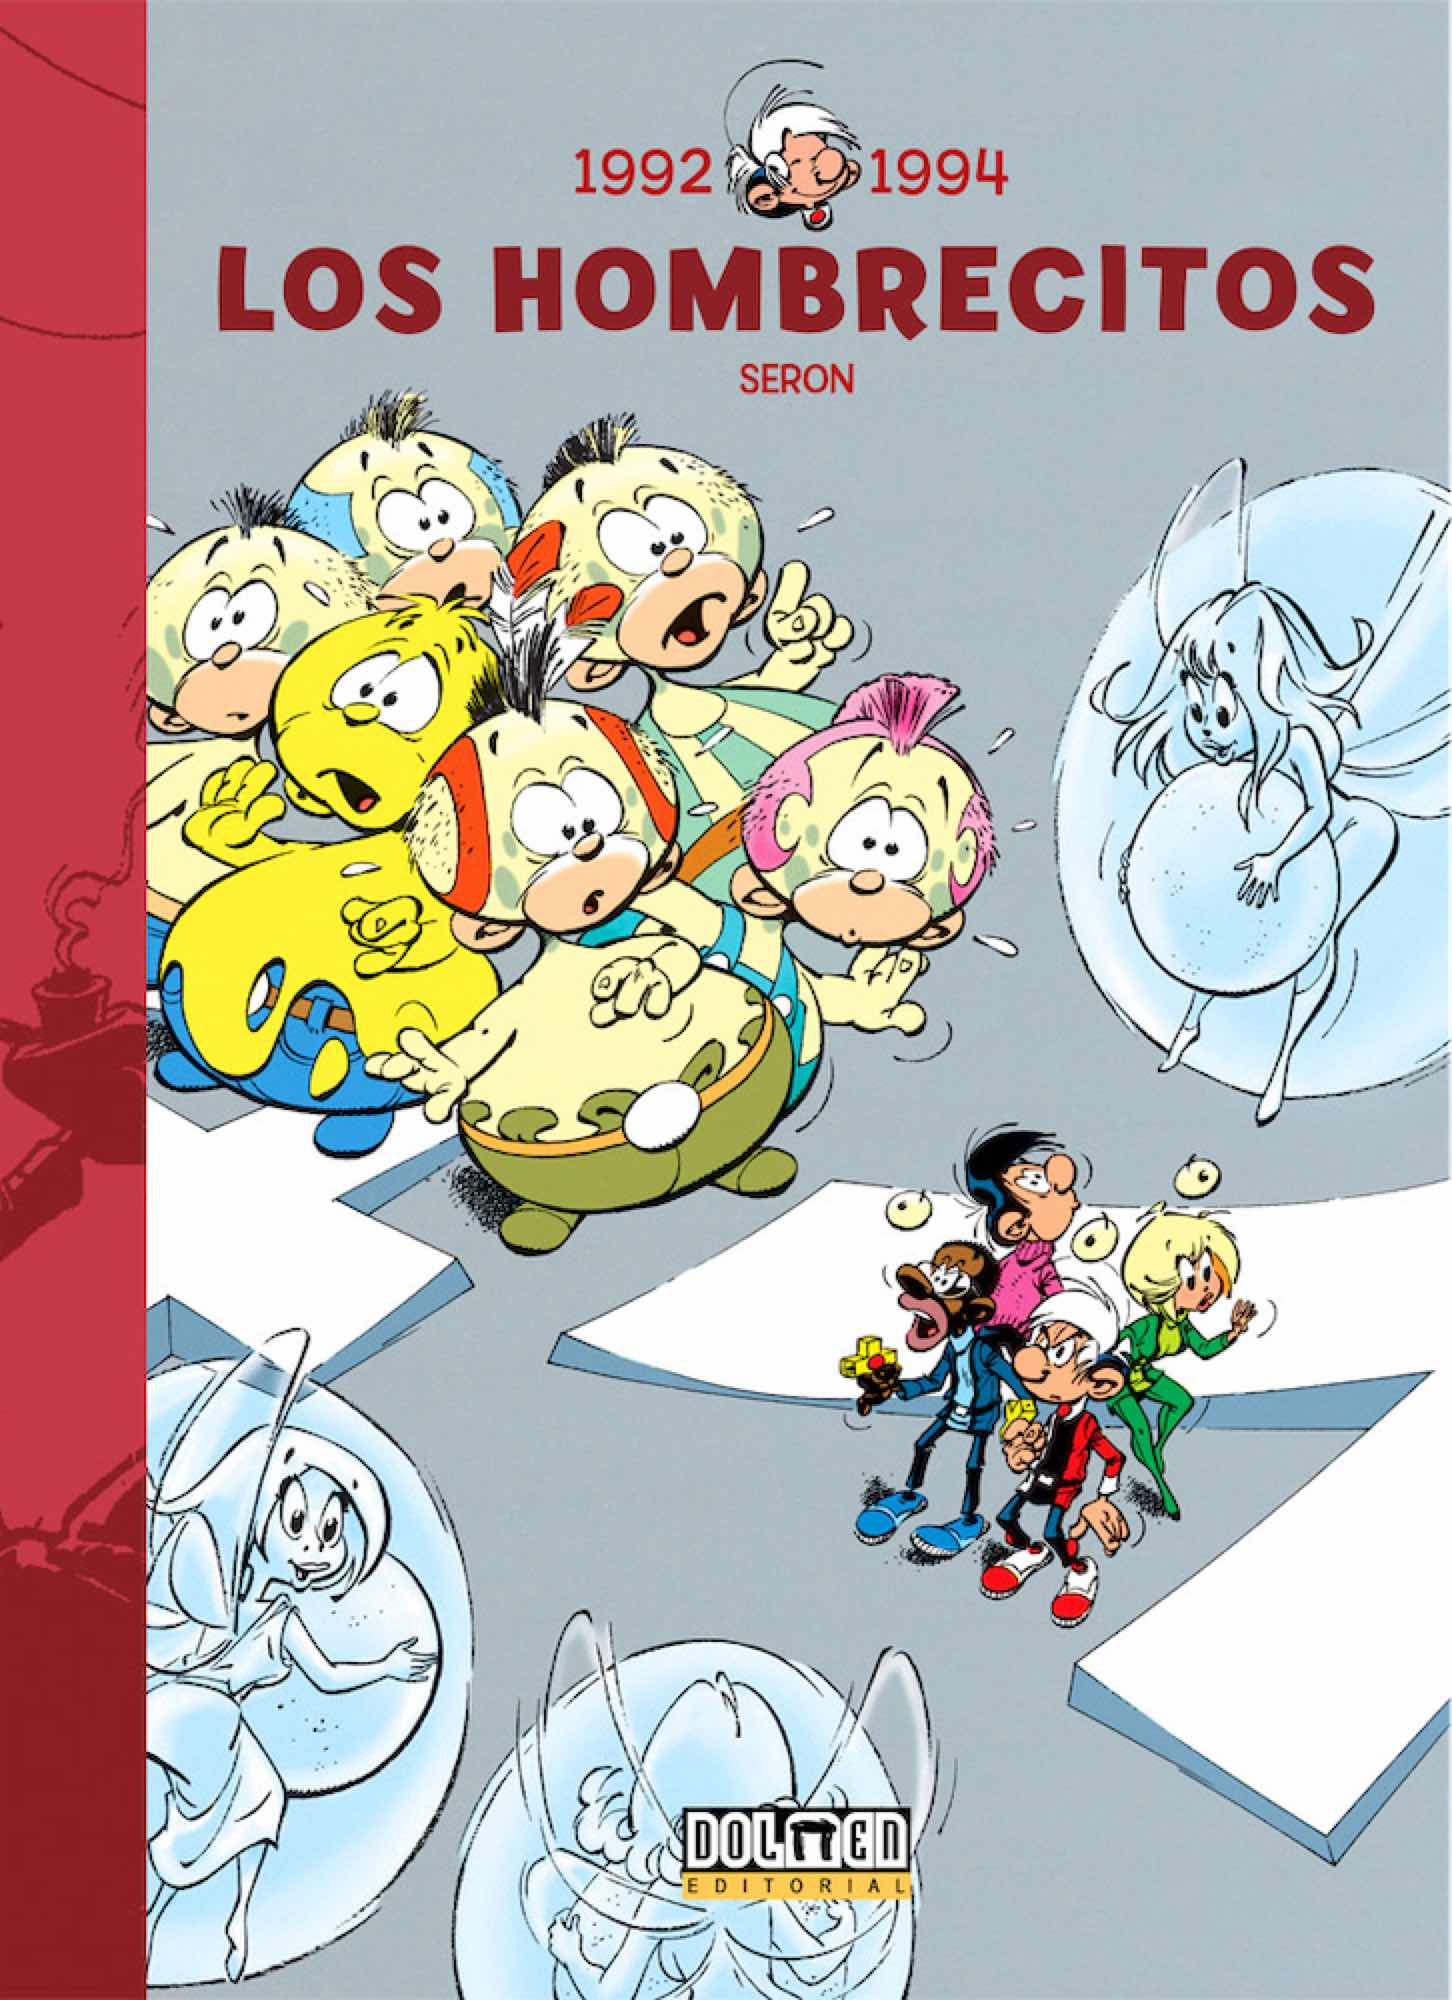 LOS HOMBRECITOS 11: 1992-1994